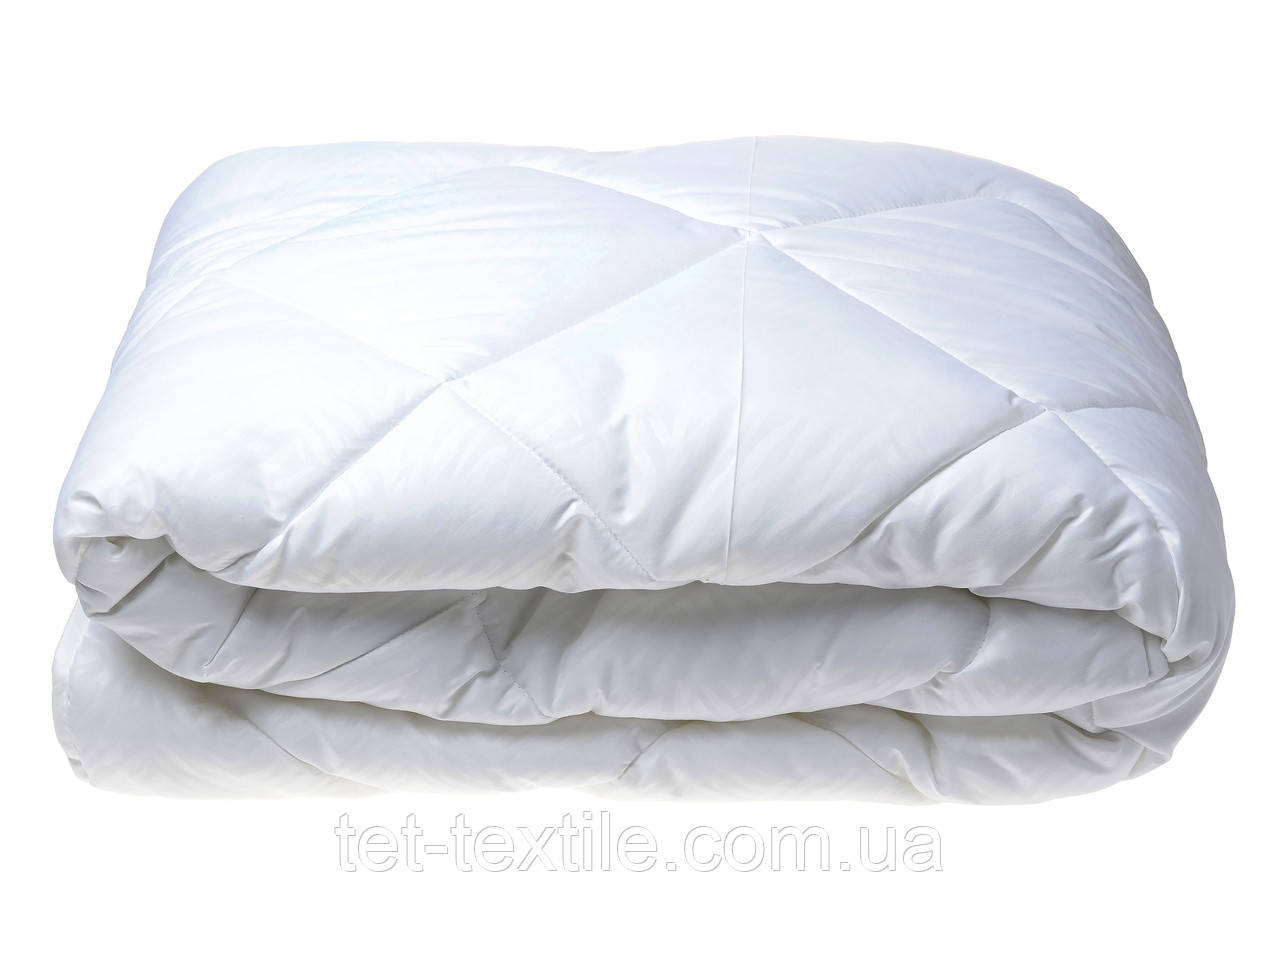 Одеяло силиконовое белое 175х215см.